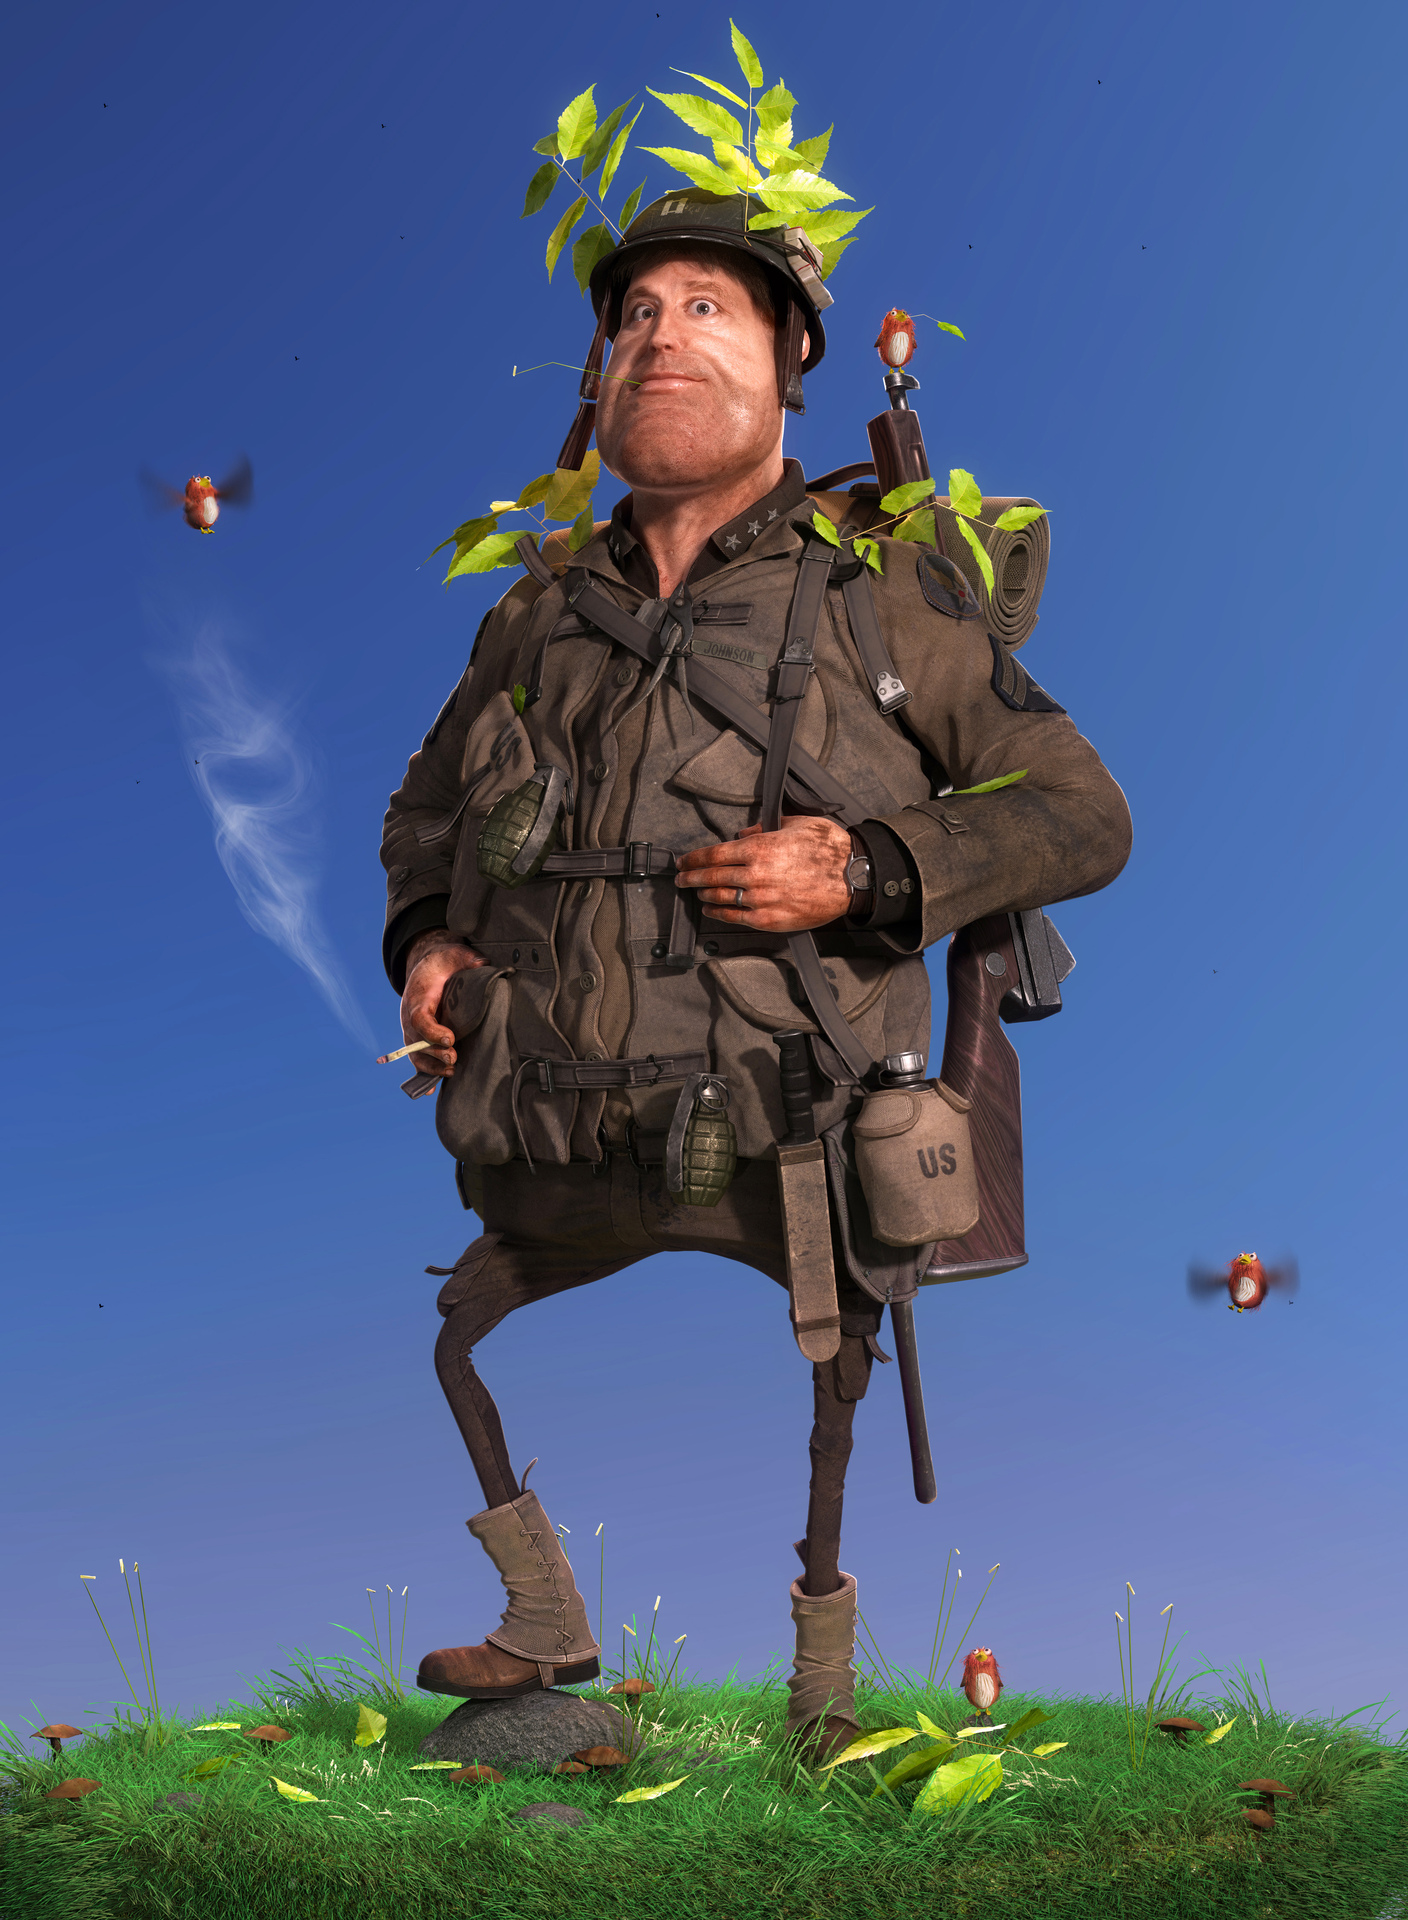 фото прикол толстого мужика в военной форме писала предыдущем посте